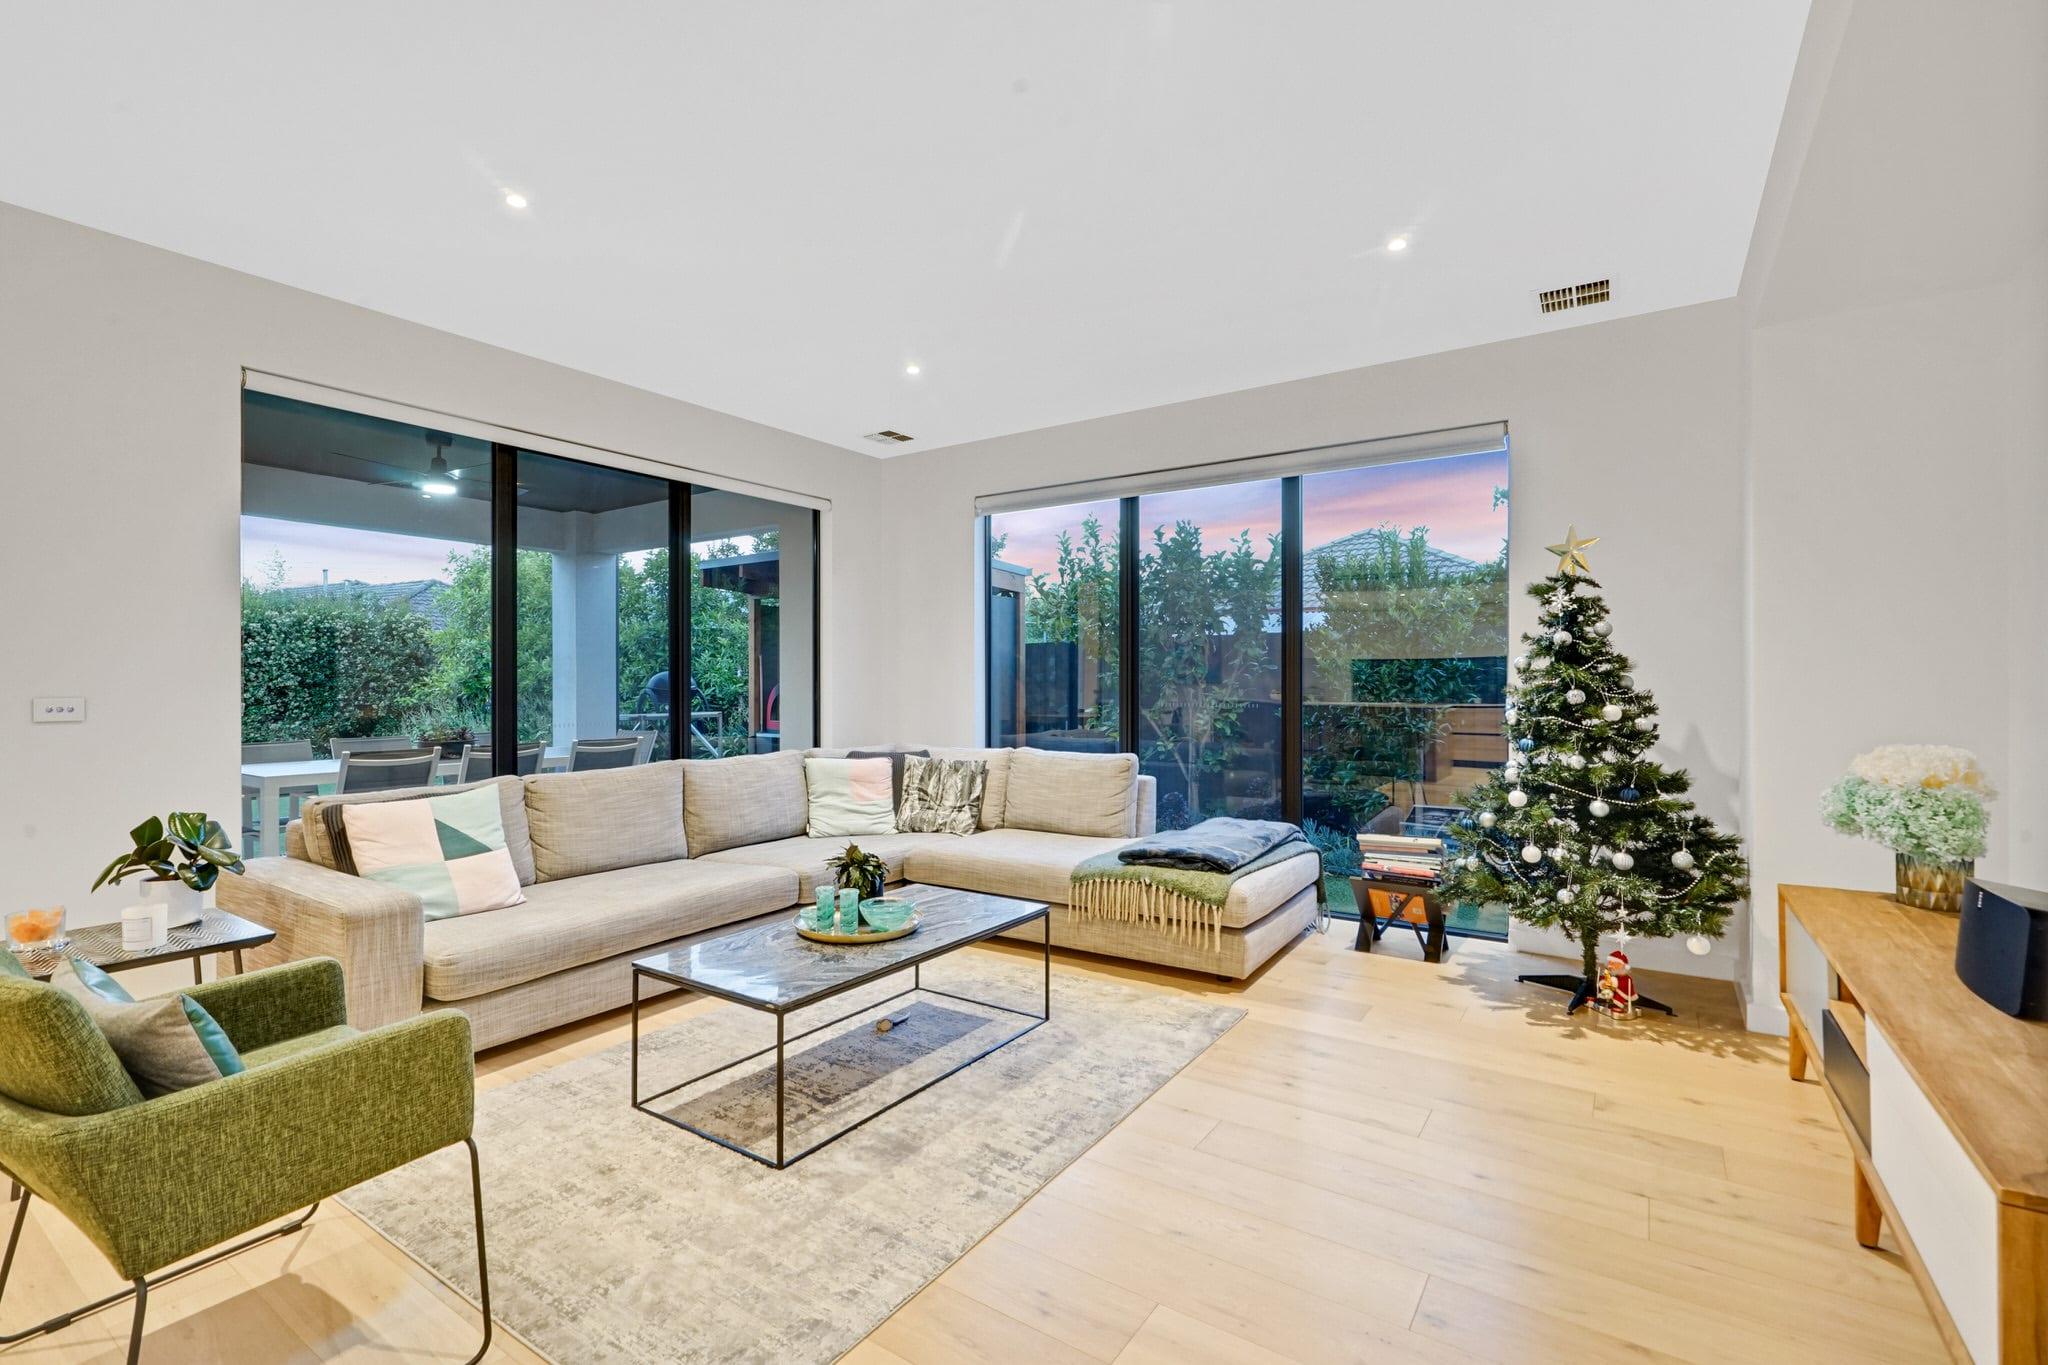 Photographie HDR d'un salon avec un sapin de Noël.